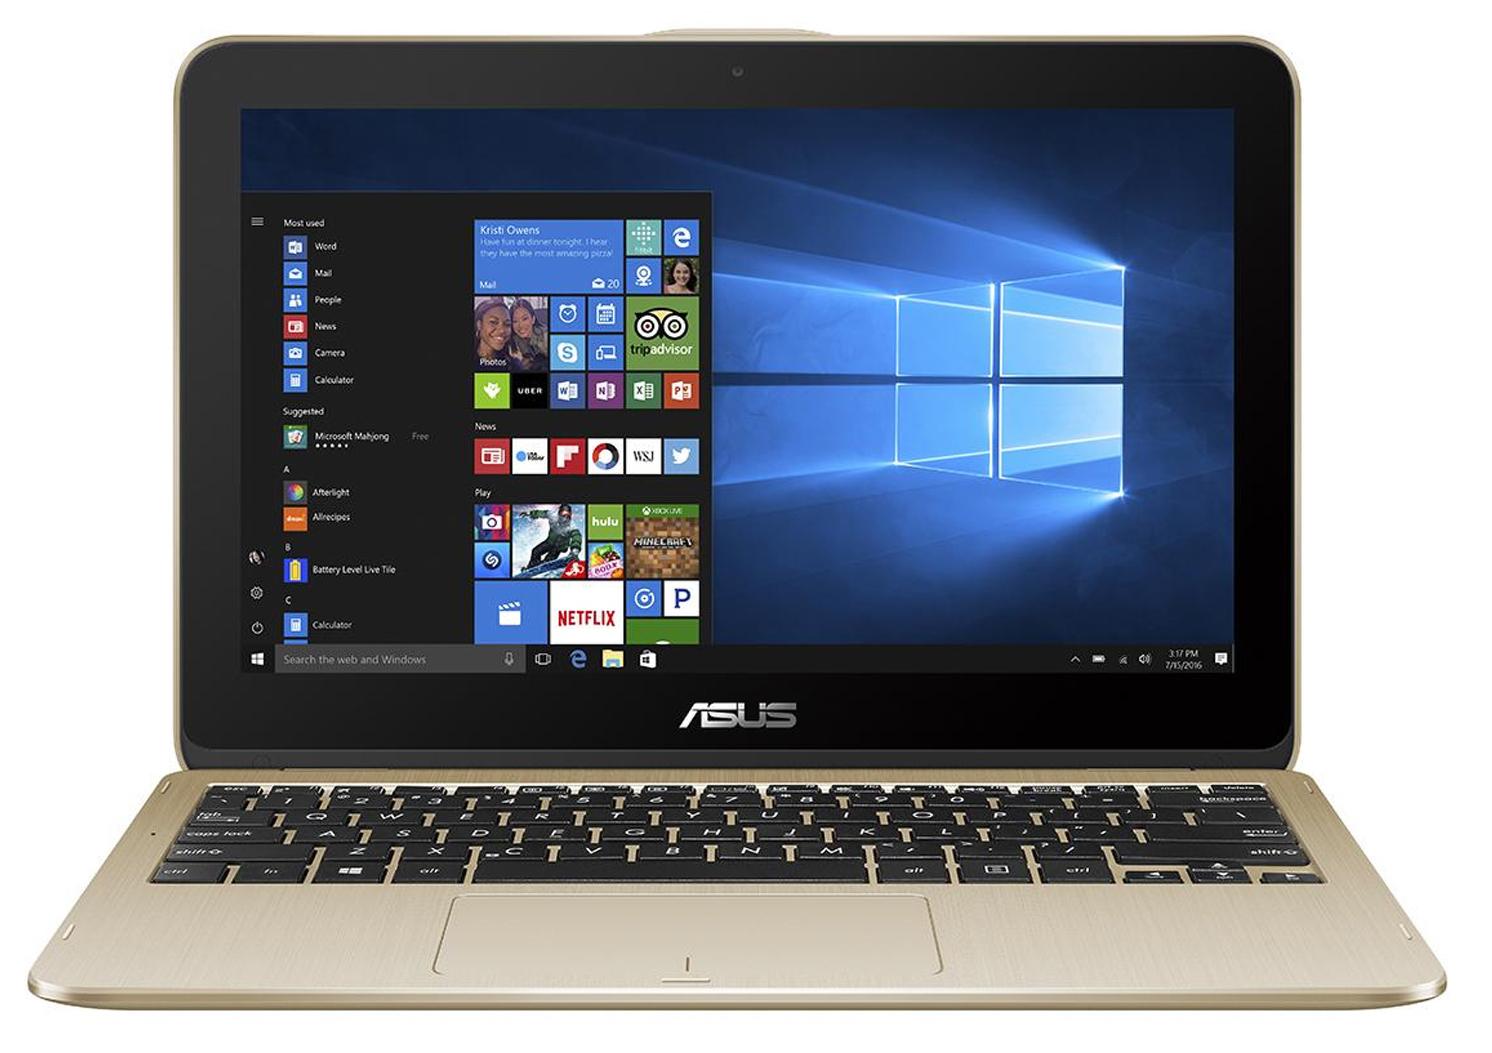 Courte critique du convertible asus vivobook flip 12 tp203nah n4200 hd - Office 365 version d essai ...